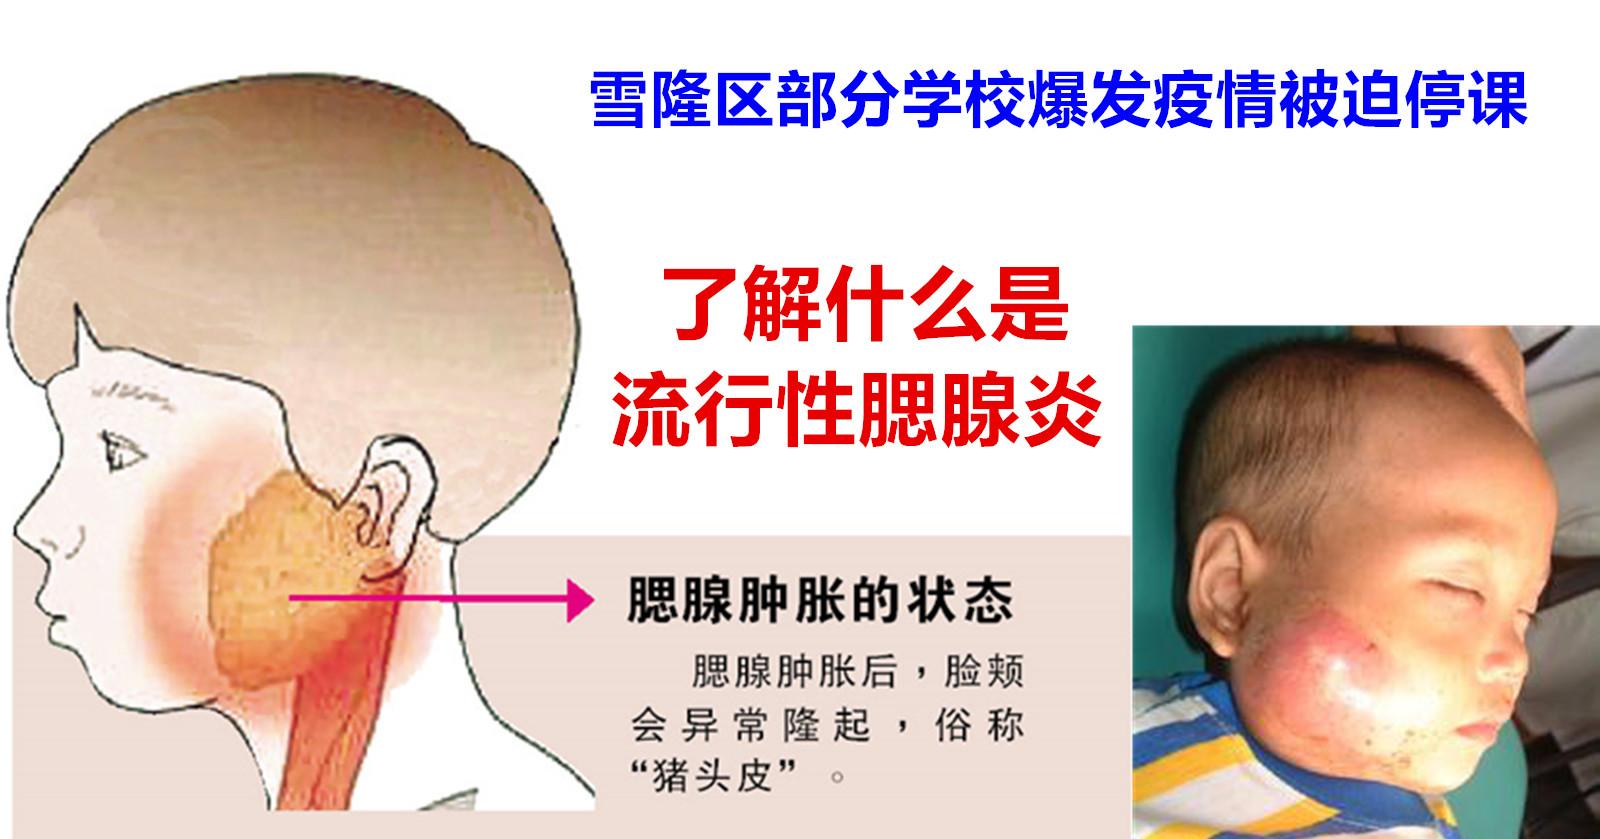 耳 炎 下 腺 性 流行